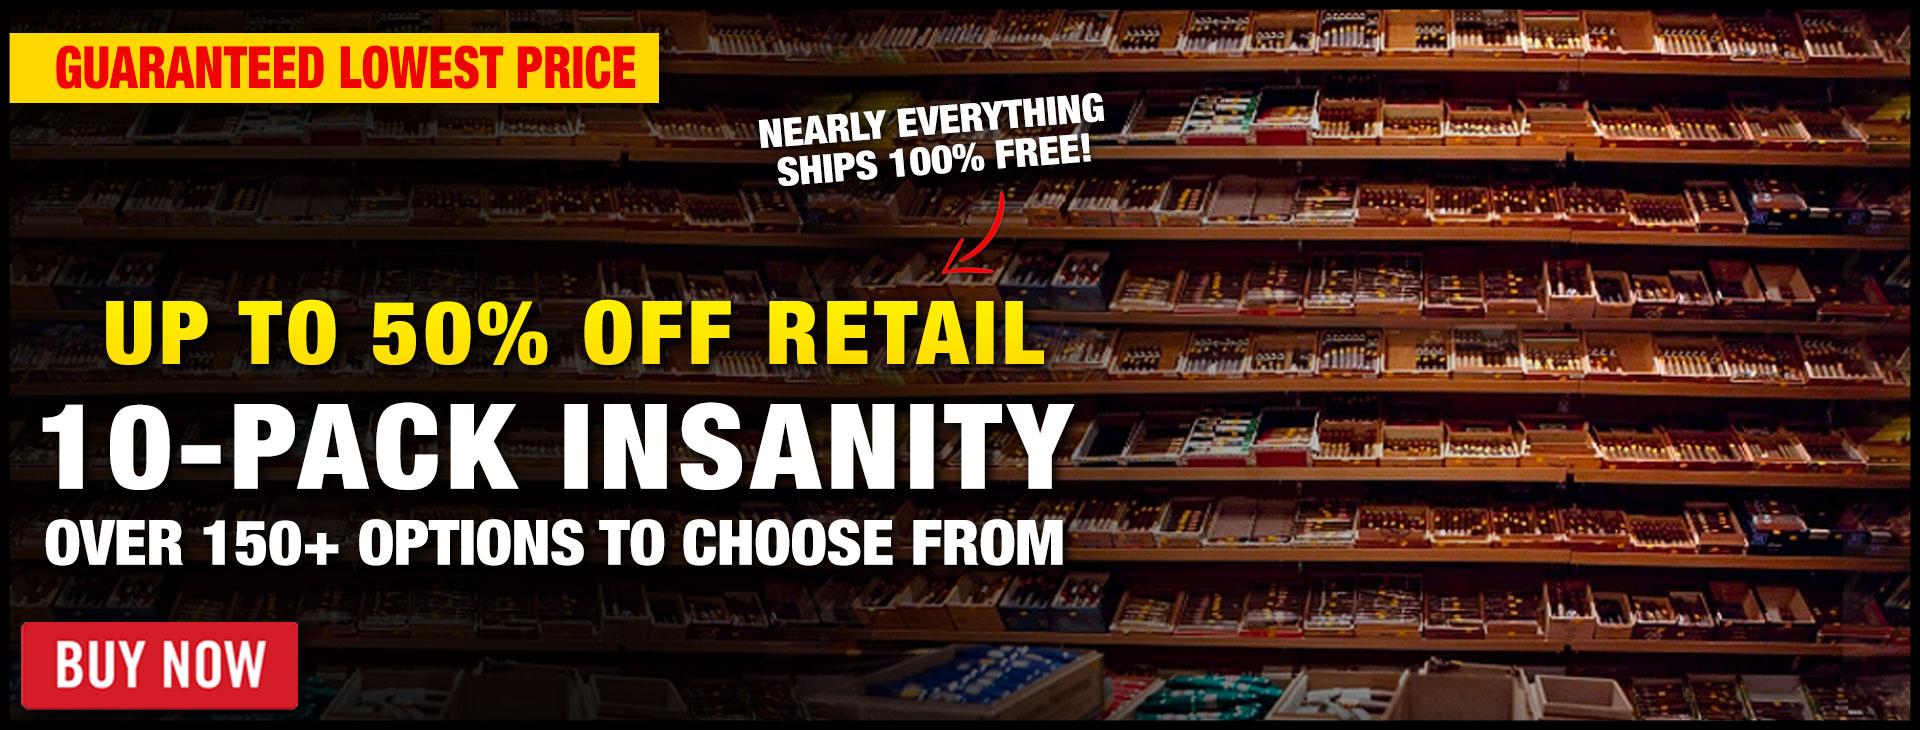 10-pack-insanity-2020-banner.jpg